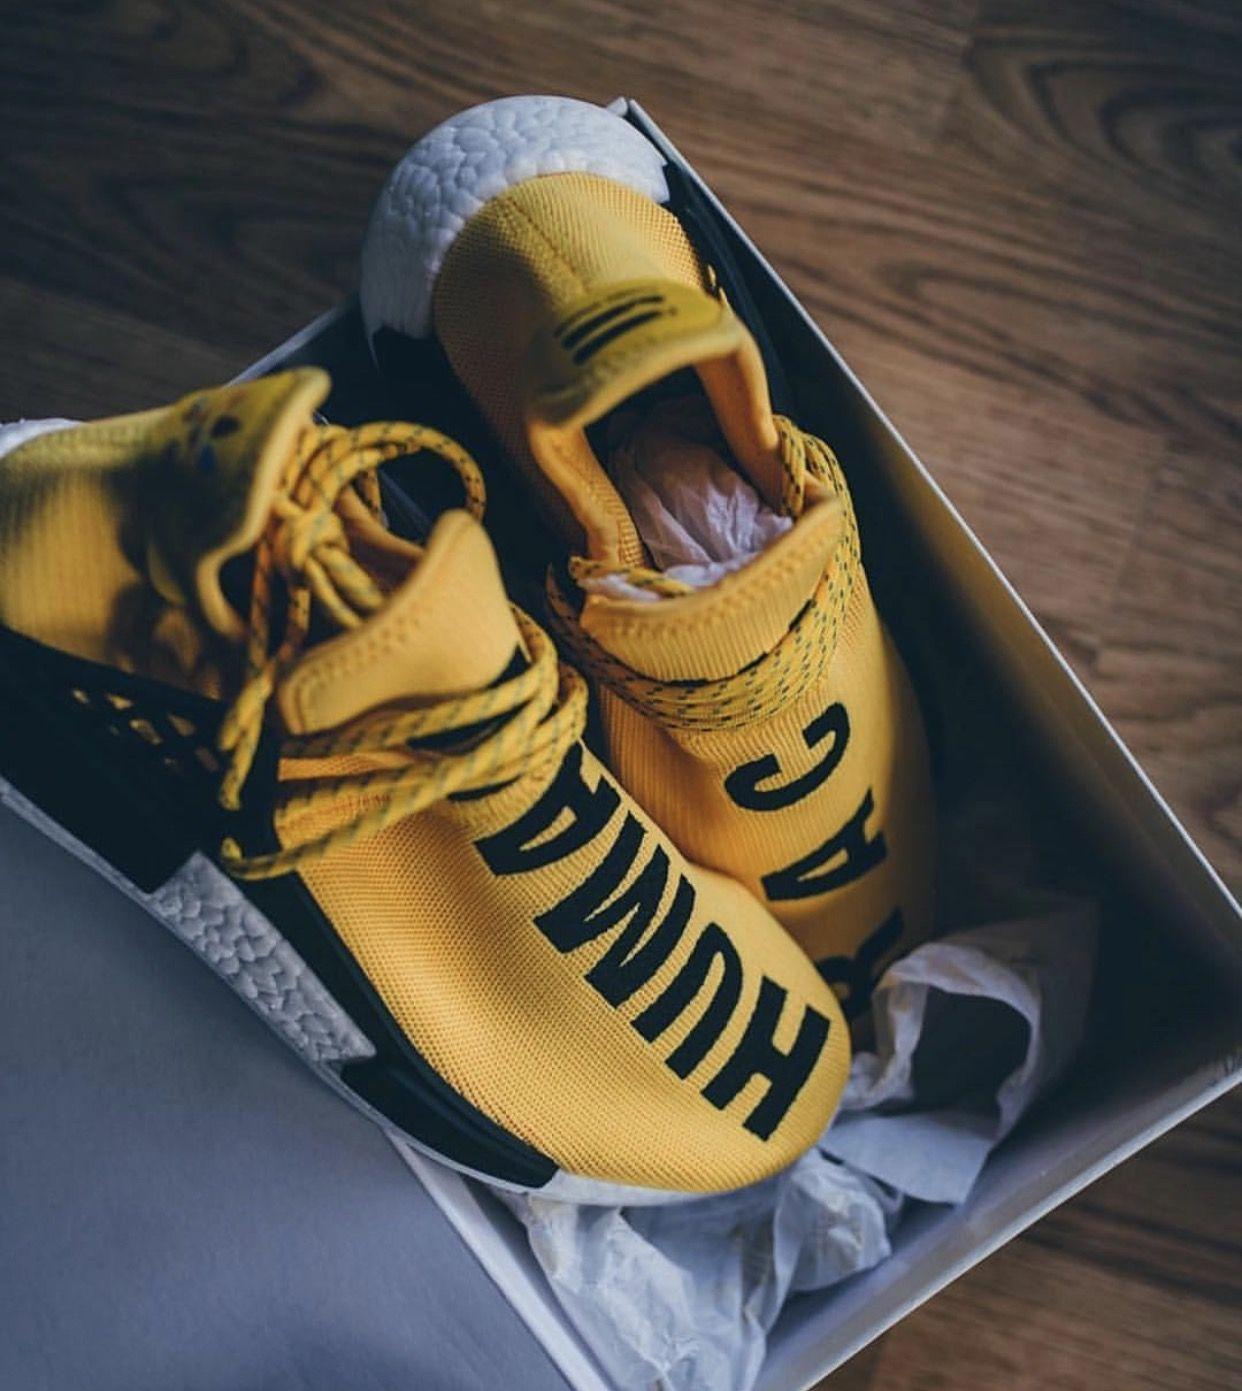 db7a3f6c5 Adidas x Pharrell Williams